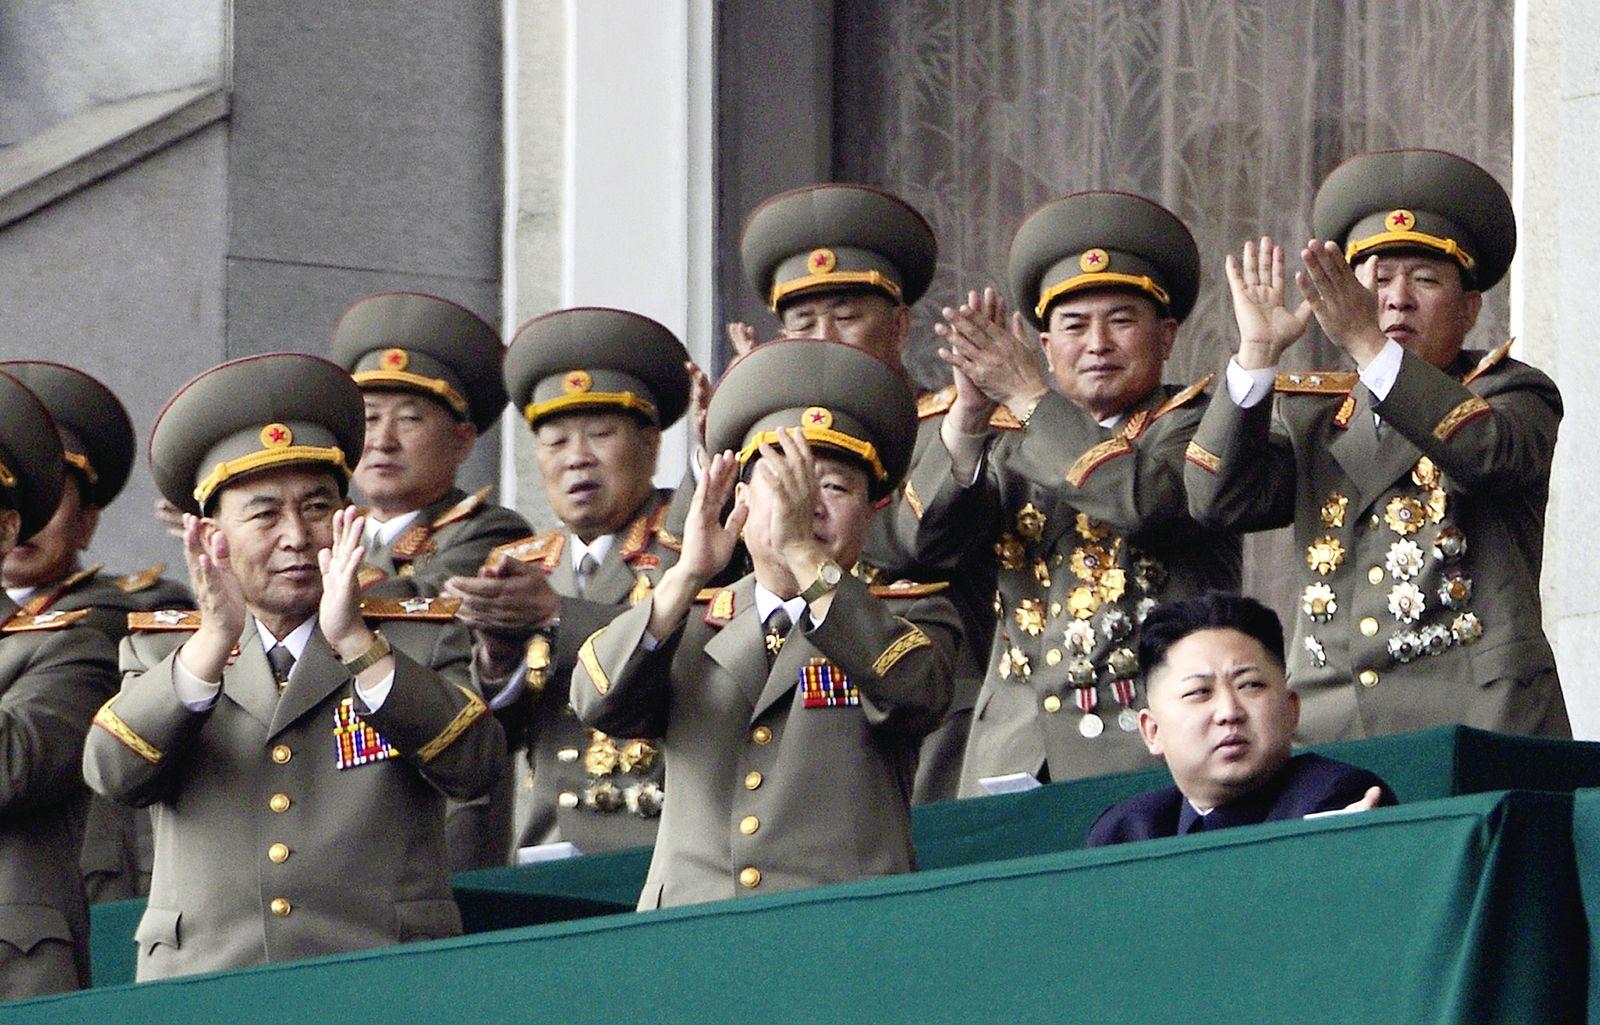 DER SPIEGEL 18/2012 pp 90 SPIN /Nordkorea